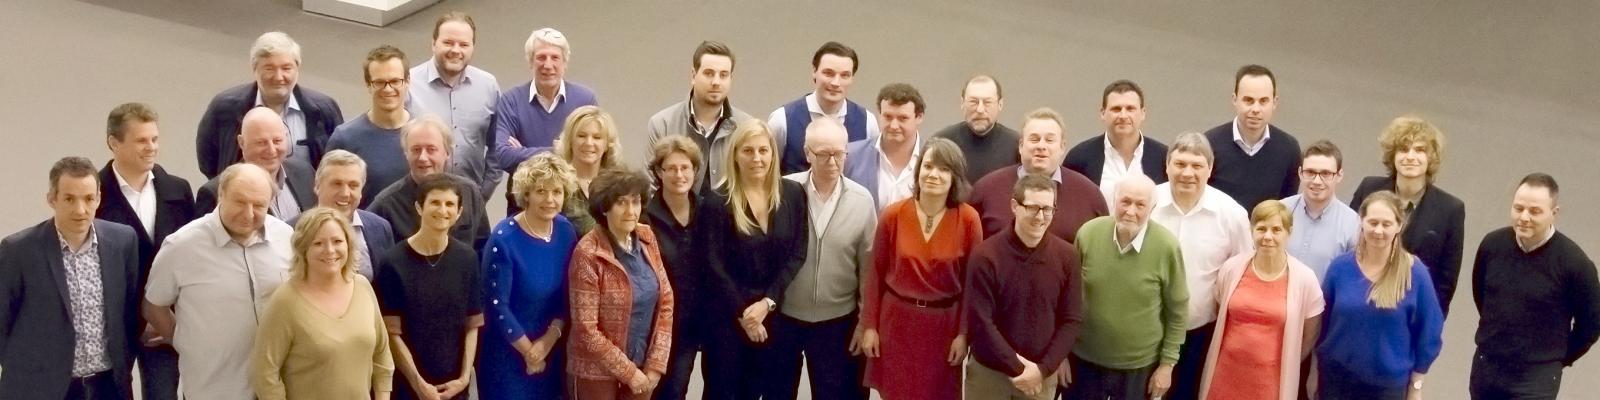 groepsfoto gemeenteraad van Zoersel